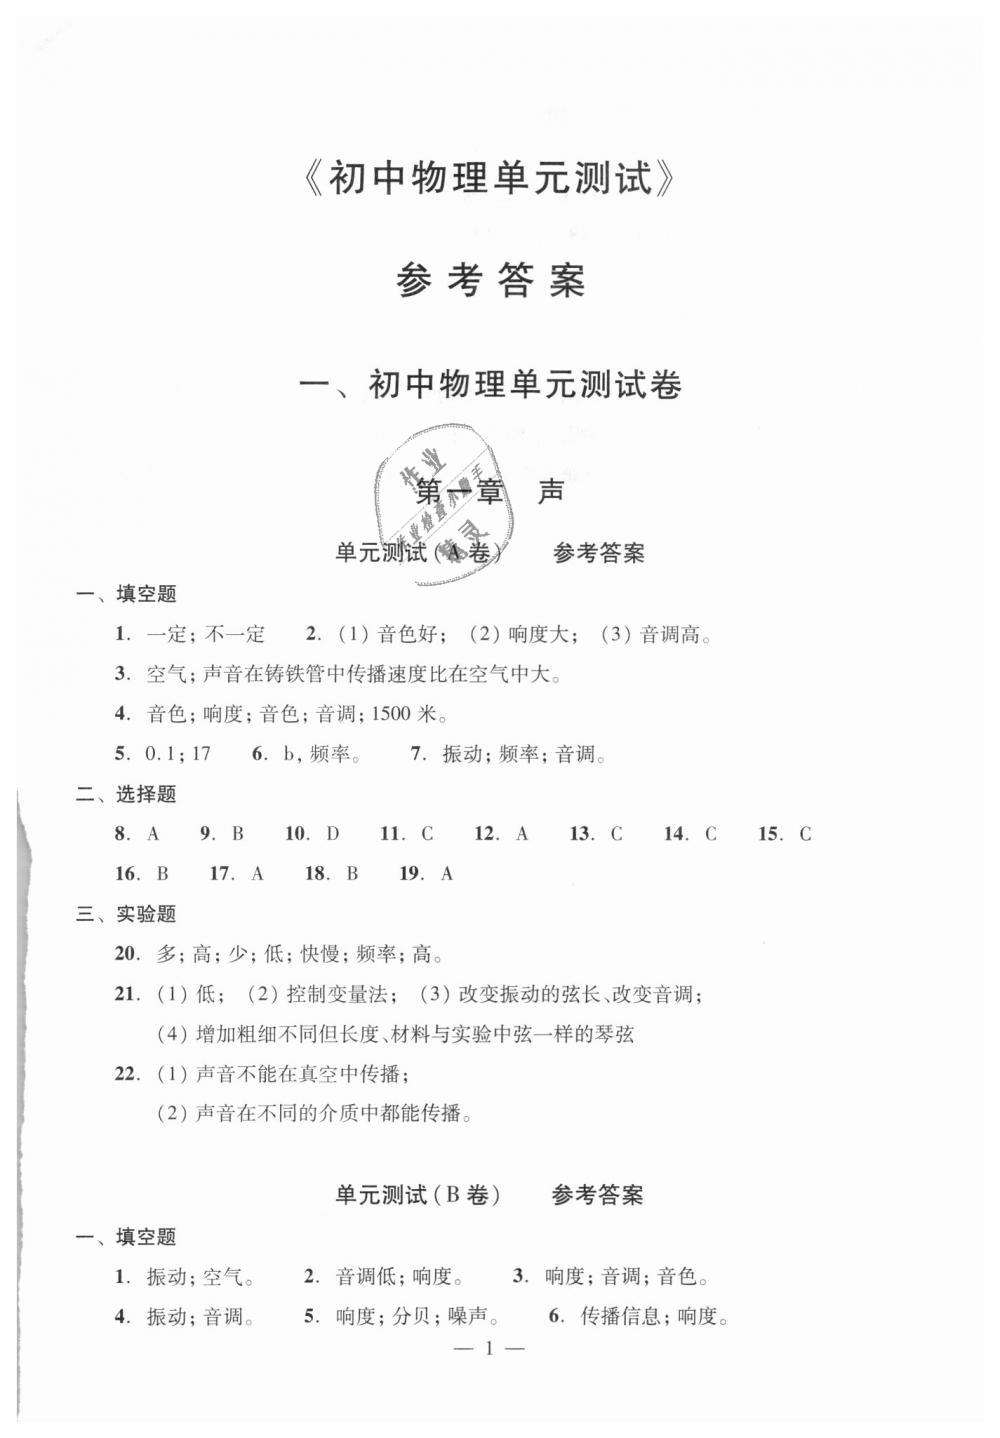 2018年初中物理双基过关堂堂练八年级全一册沪教版第45页